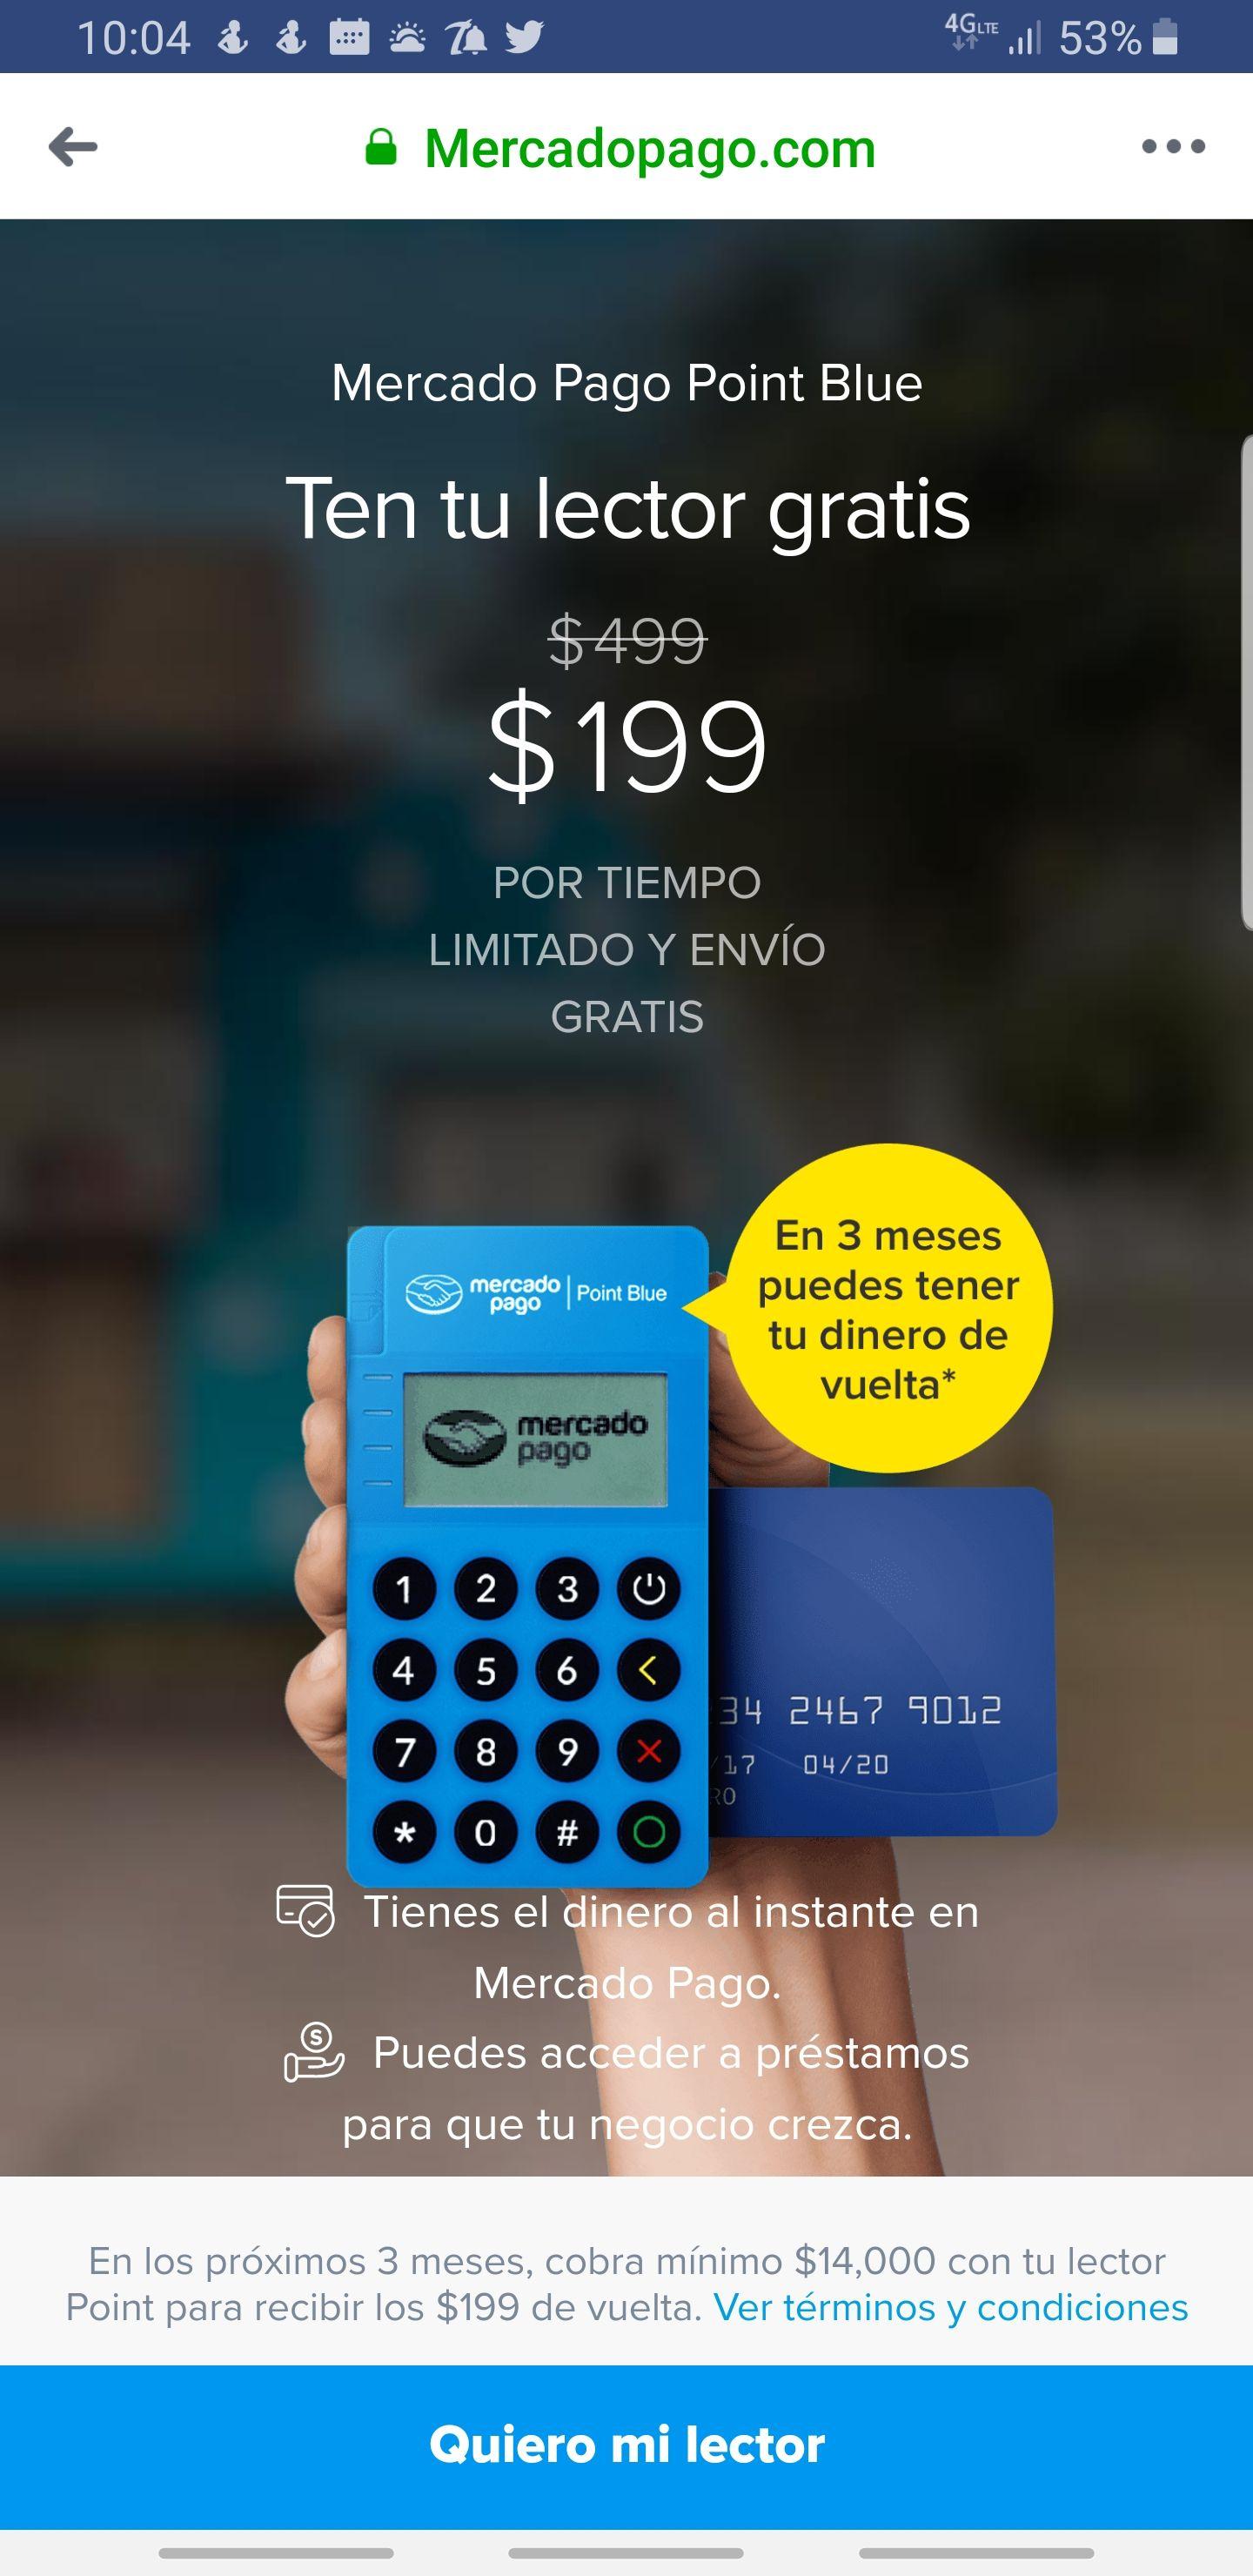 Mercado pago Point blue gratis si cobras $14,000